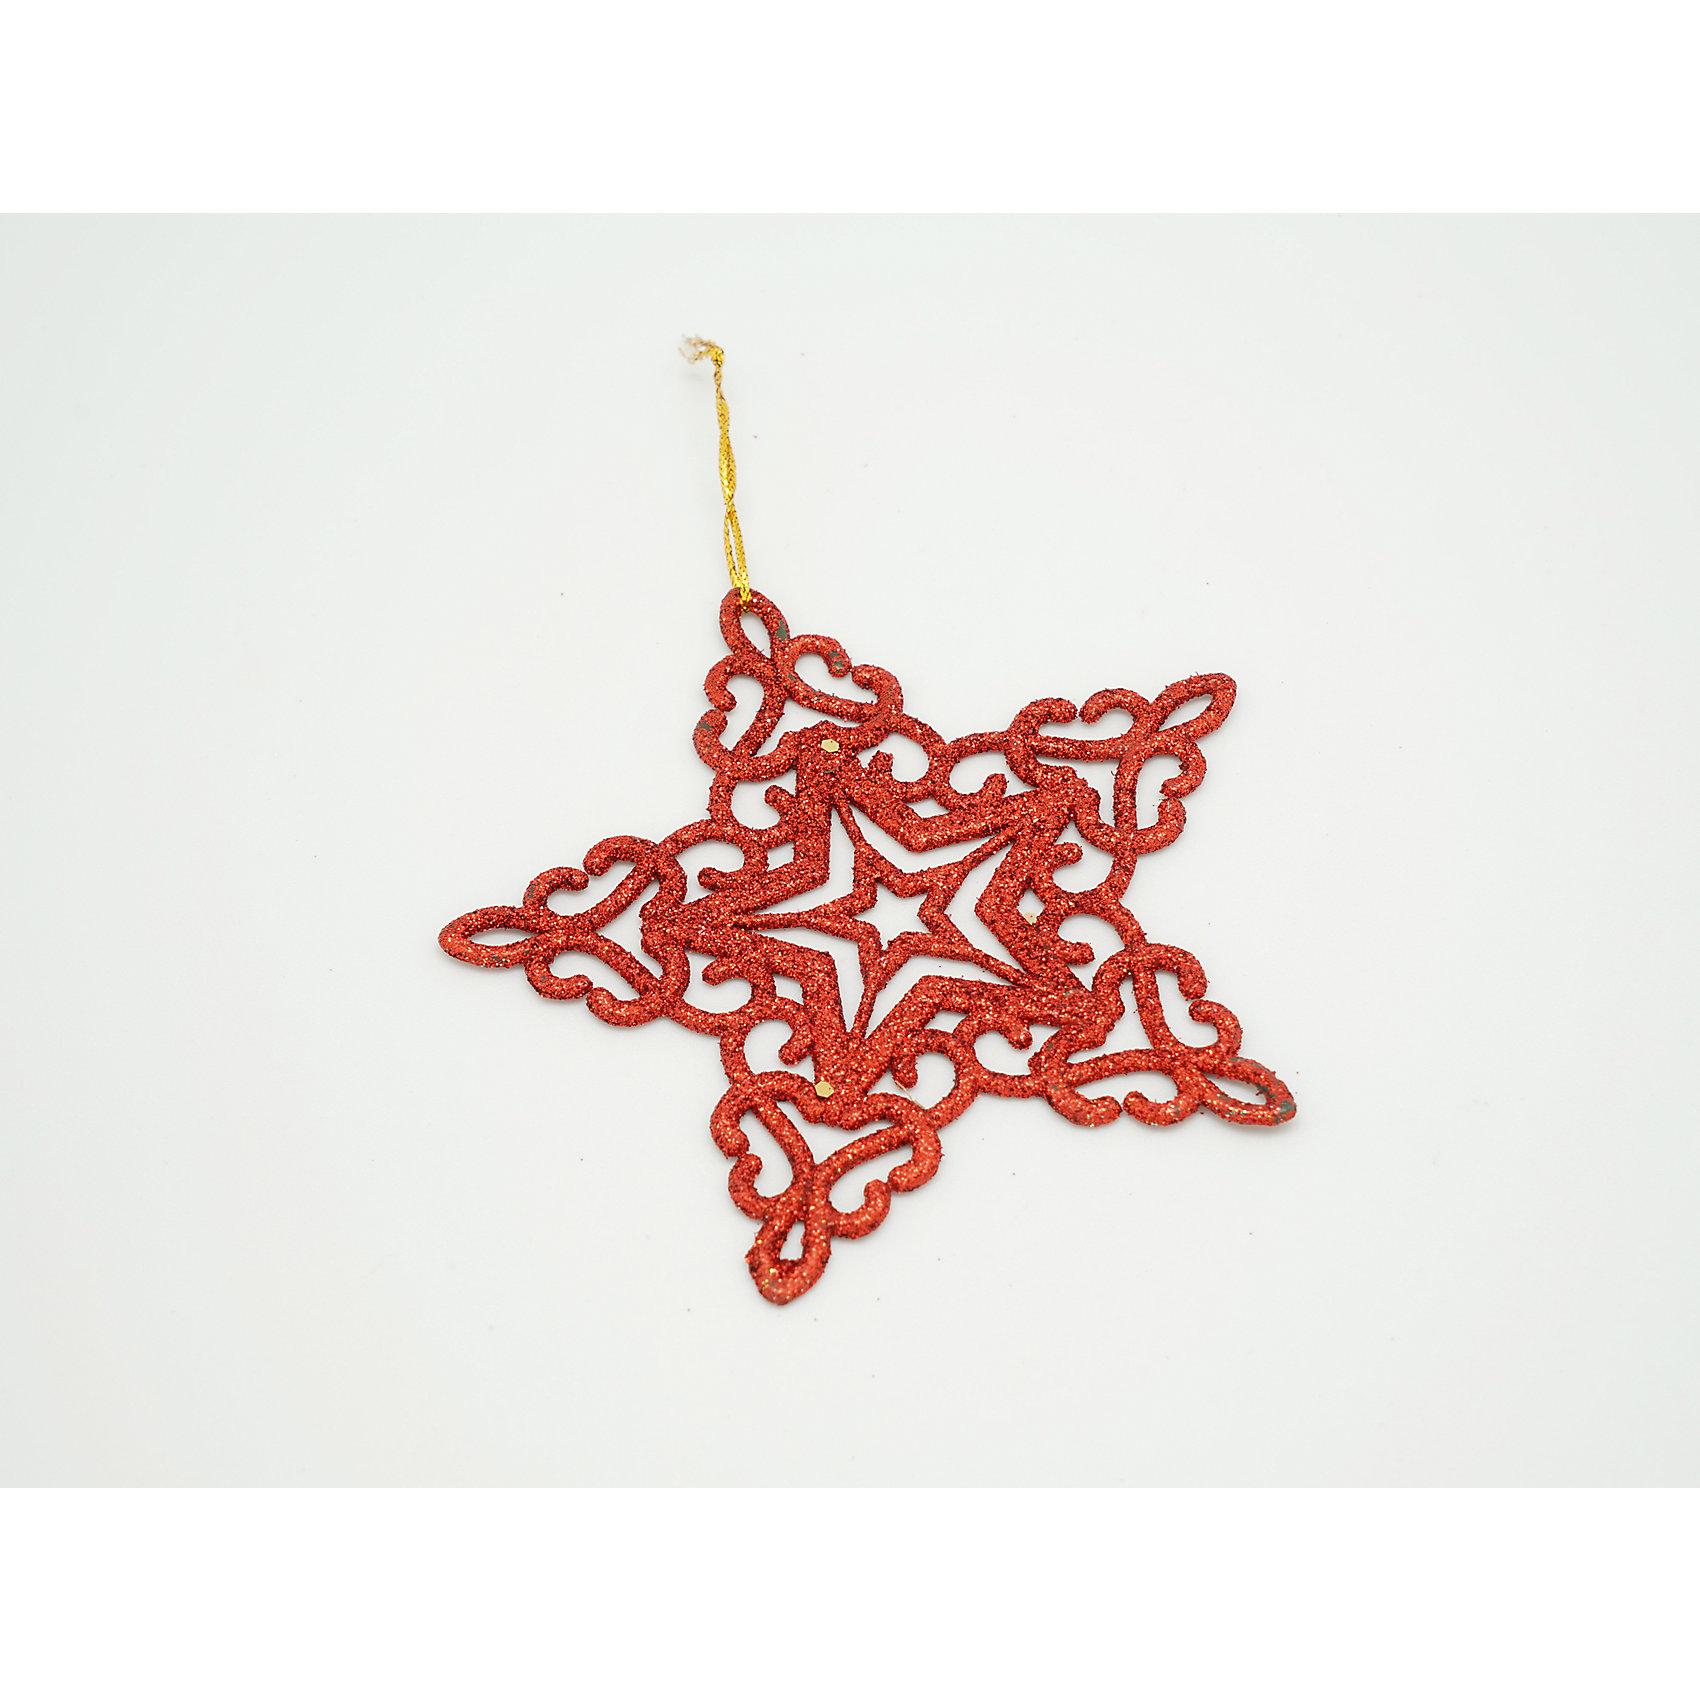 Декоративное подвесное украшение из пластика в глиттере Звезда глитер краснаяХарактеристики товара:<br><br>• цвет: красный<br>• материал: полистоун<br>• не бьётся<br>• в глиттере<br>• комплектация: 1 шт<br>• с подвесом<br>• для украшения интерьера или ёлки<br>• страна производства: Китай<br><br>Покупка новых украшений для интерьера или ёлки - верный признак приближающегося праздника. Новогодний антураж трудно представить без сияющих подвесных украшений! Это изделие будет хорошо смотреться в окружении любой цветовой гаммы, оно качественно выполнено и нарядно выглядит. С помощью него можно оригинально декорировать квартиру к празднику или украсить ёлку, причем участвовать могут даже малыши - украшение не разобьется.<br>Такие небольшие детали и создают праздник! От них во многом зависит хорошее новогоднее настроение. Изделие производится из качественных сертифицированных материалов, безопасных даже для самых маленьких.<br><br>Декоративное подвесное украшение из пластика в глиттере Звезда глитер красная можно купить в нашем интернет-магазине.<br><br>Ширина мм: 100<br>Глубина мм: 100<br>Высота мм: 5<br>Вес г: 100<br>Возраст от месяцев: 72<br>Возраст до месяцев: 480<br>Пол: Унисекс<br>Возраст: Детский<br>SKU: 5051722